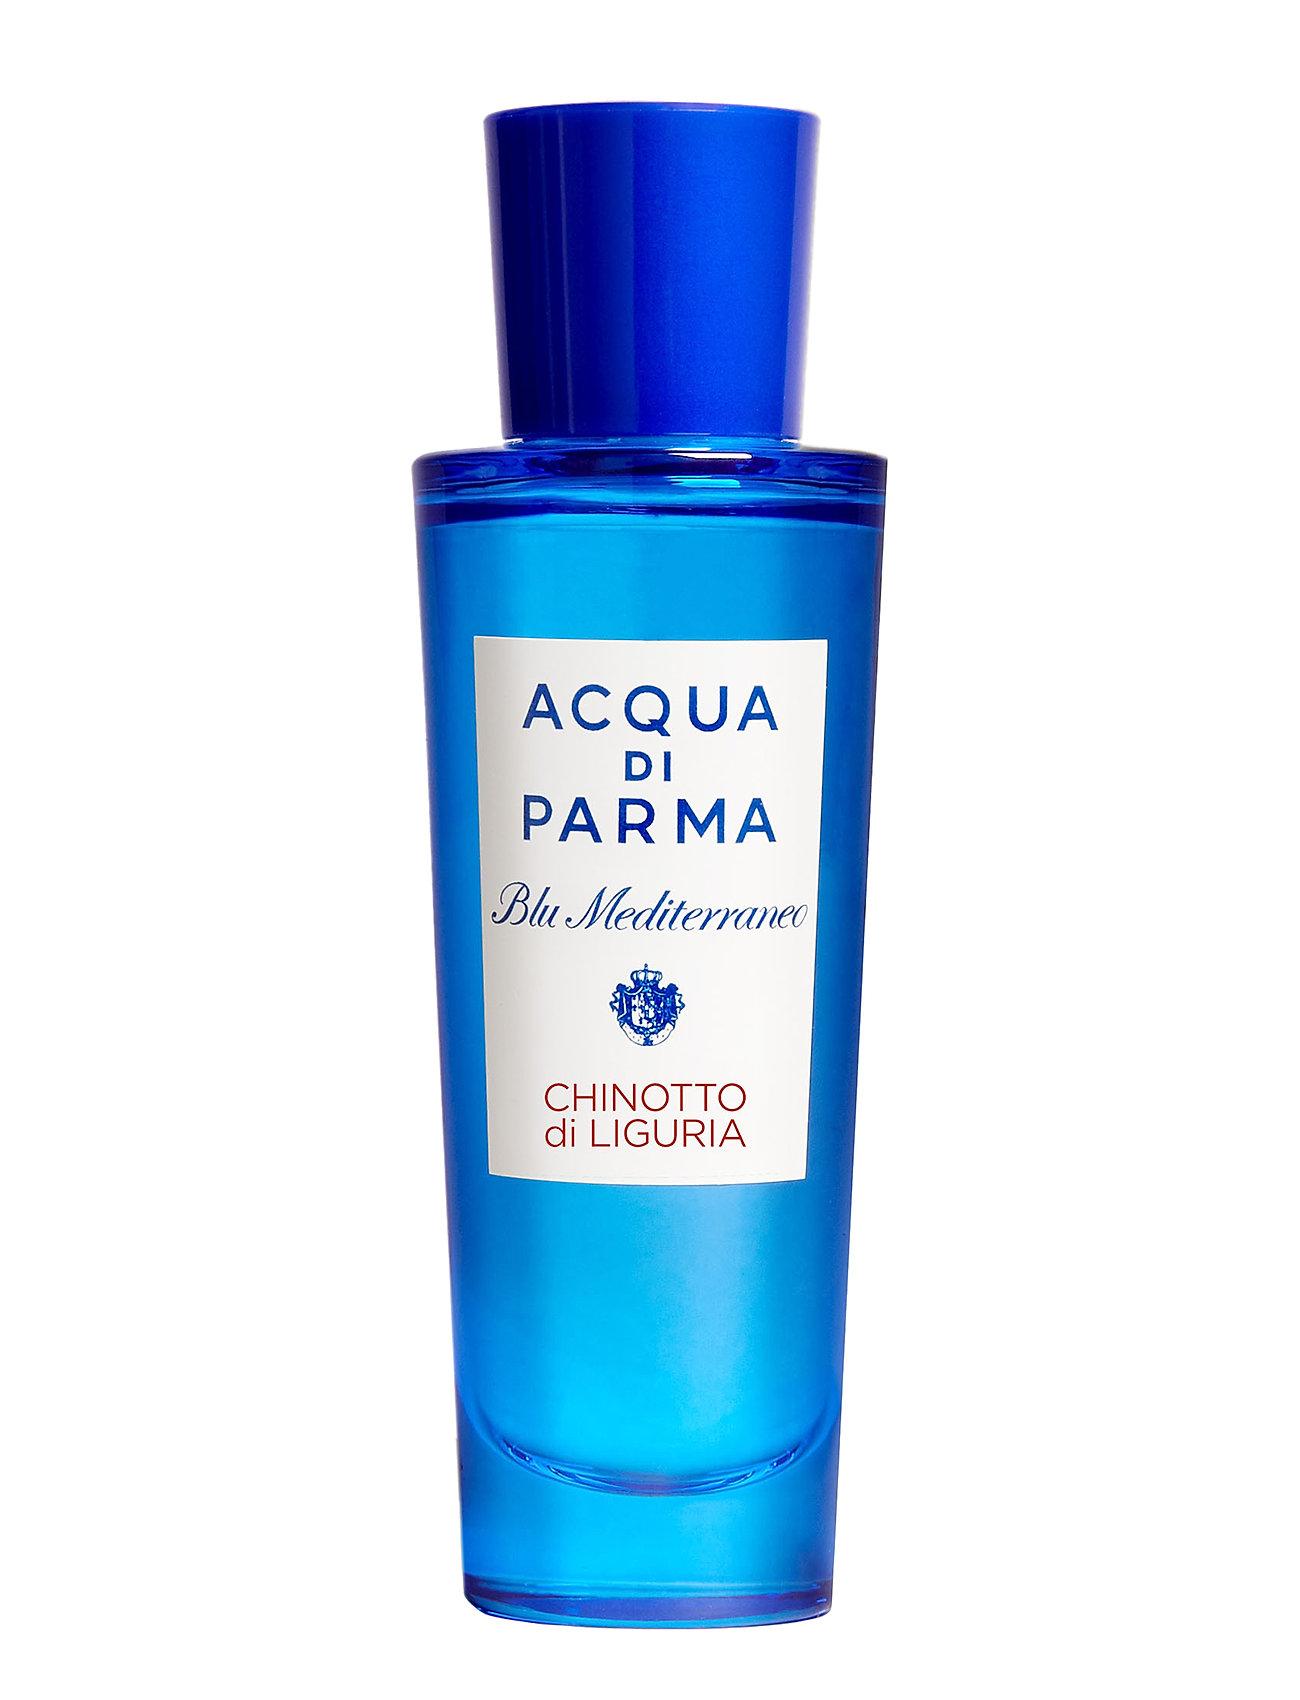 Acqua di Parma BM EDT CHINOTTO DI LIGURIA EDT - CLEAR